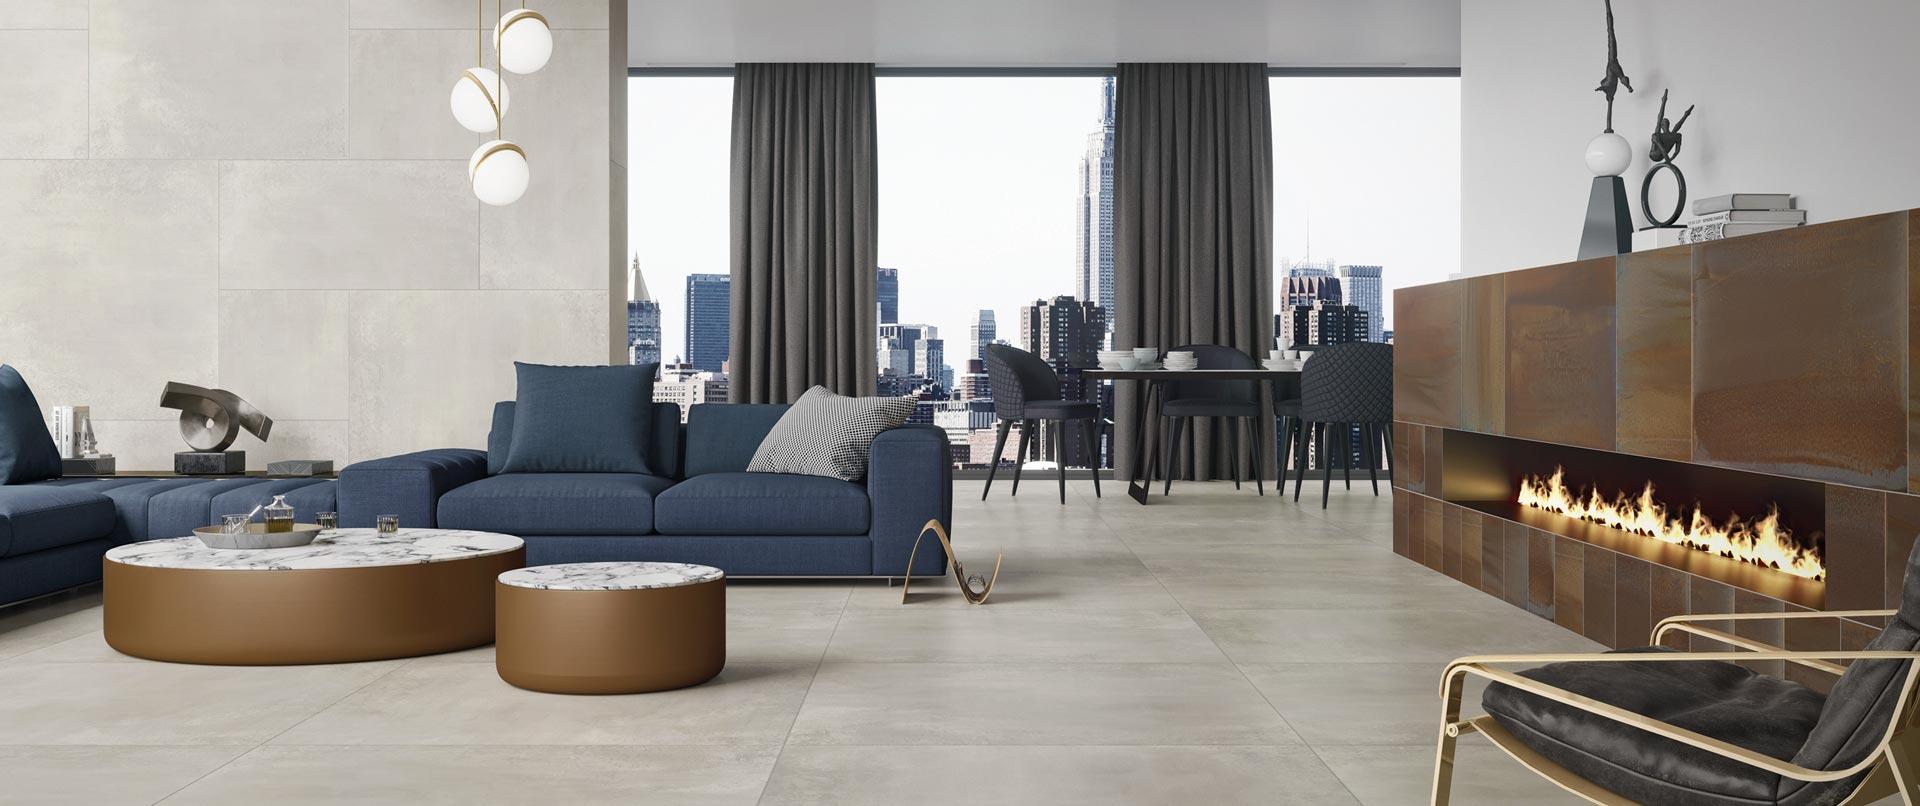 fliesen bru re ihr fliesenhandel f r leverkusen leichlingen langenfeld. Black Bedroom Furniture Sets. Home Design Ideas